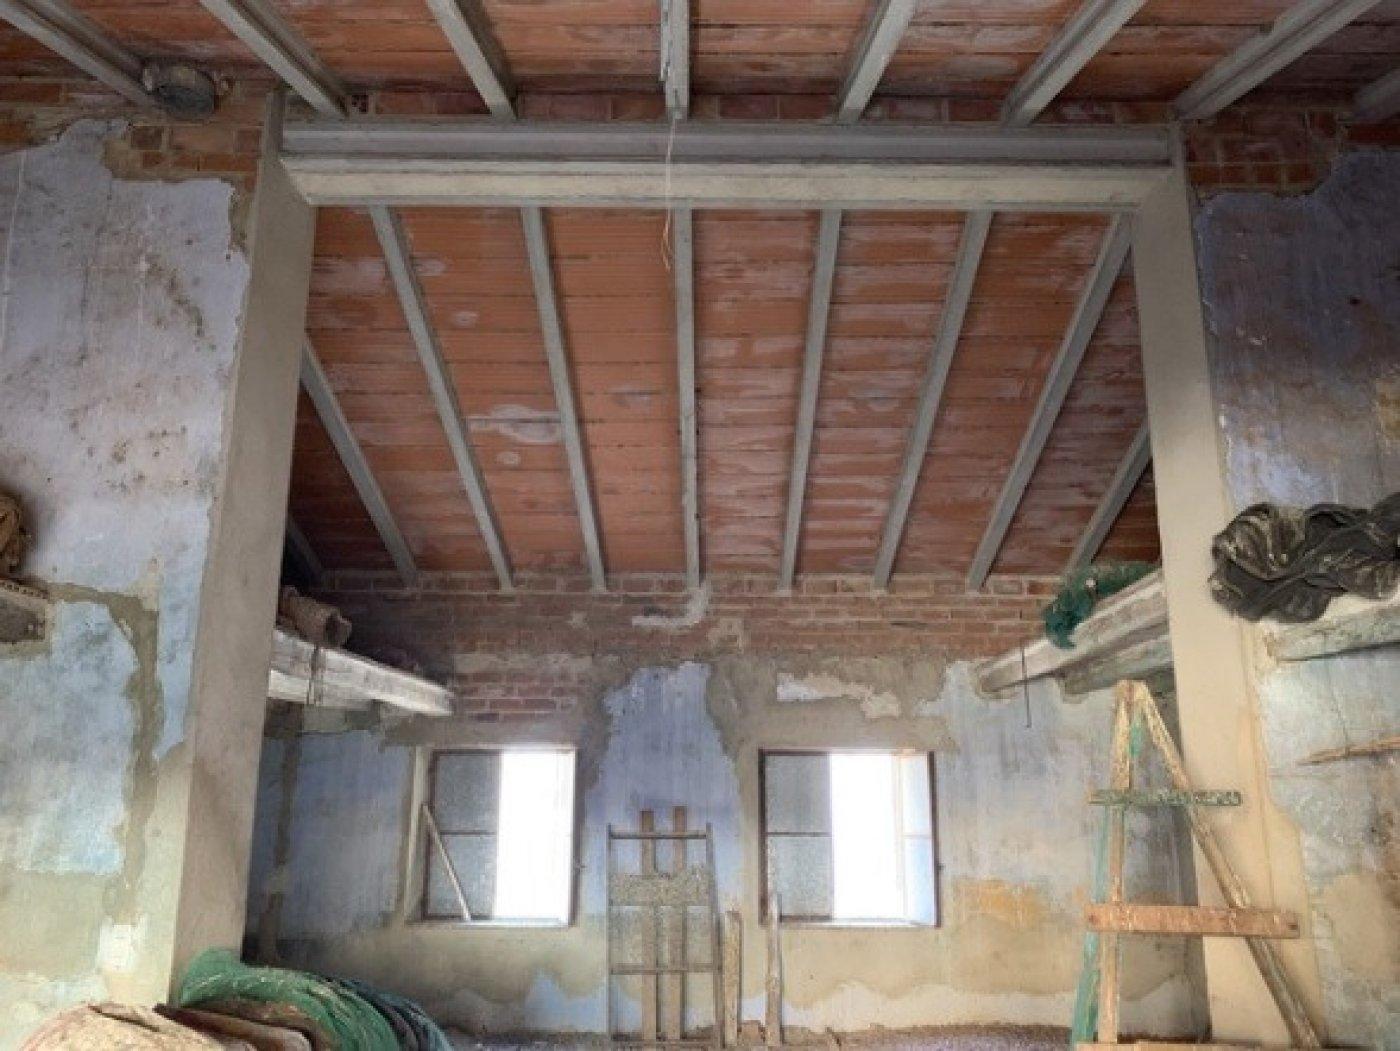 Casa almacén solar a rehabilitar en vendrell centro - imagenInmueble10